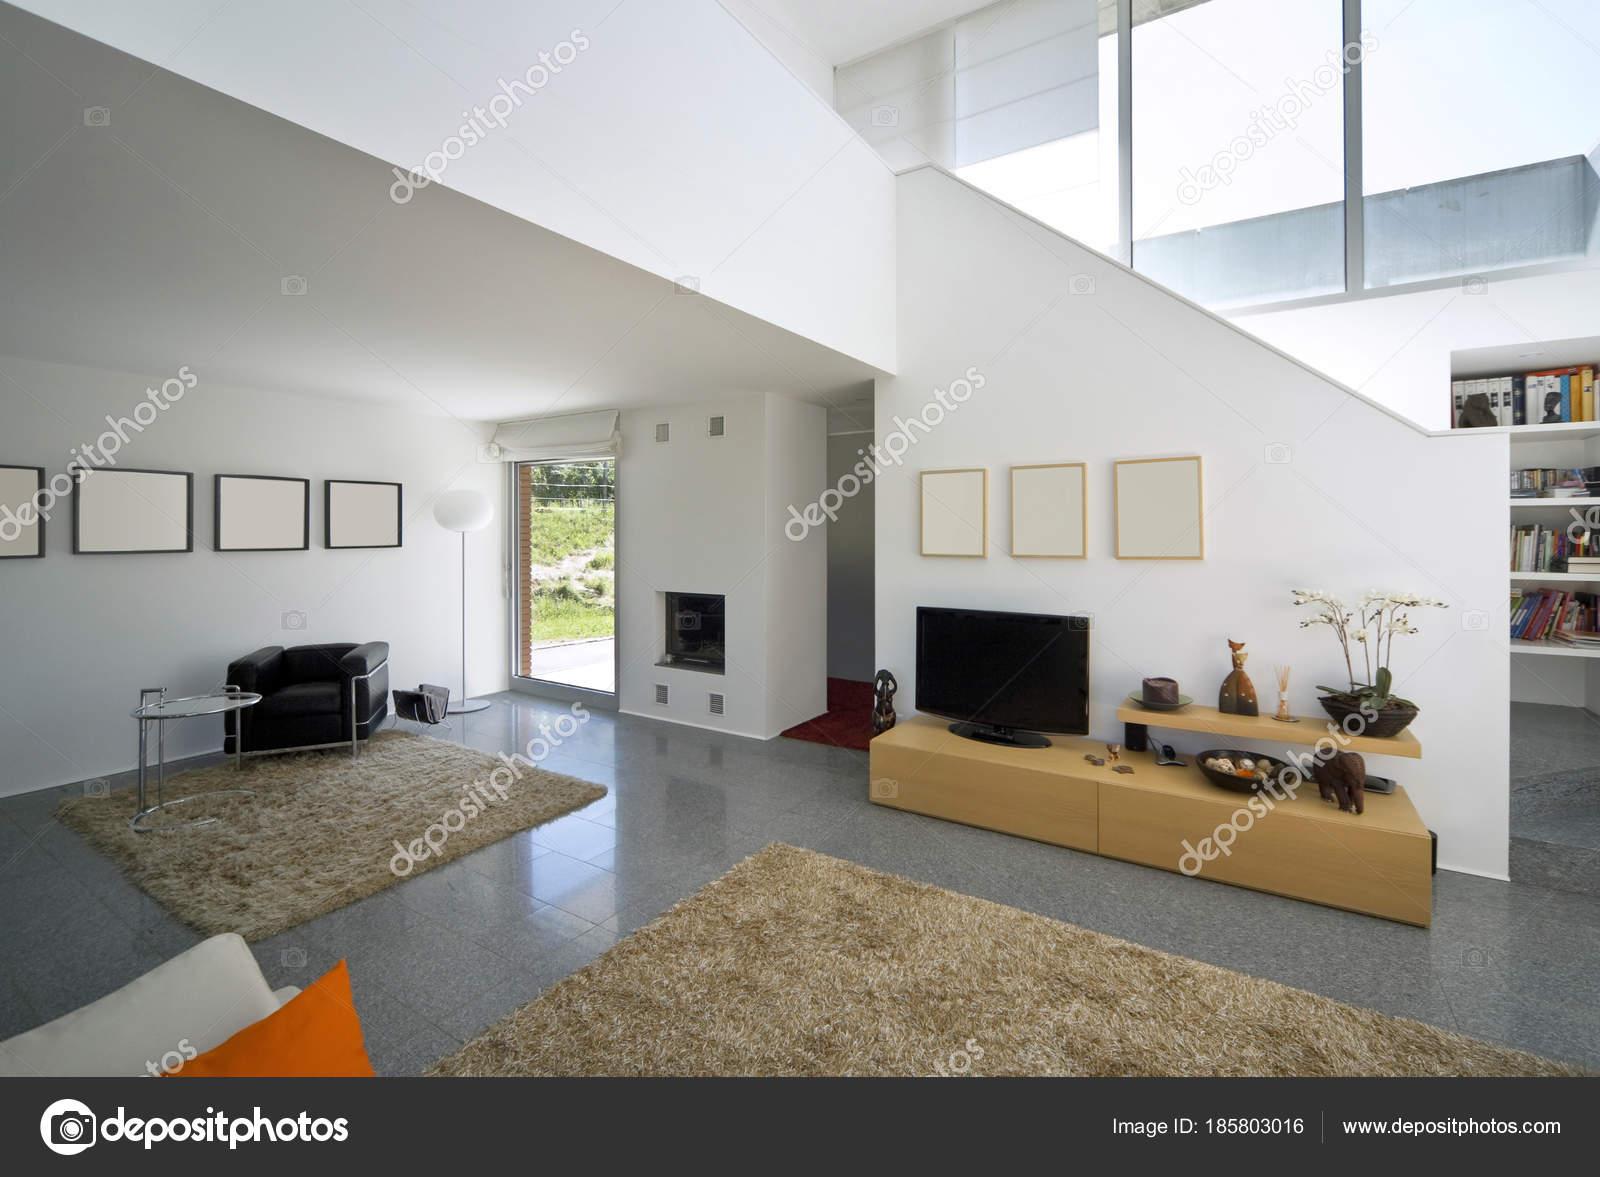 Luxe villa interieur, woonkamer — Stockfoto © Zveiger #185803016